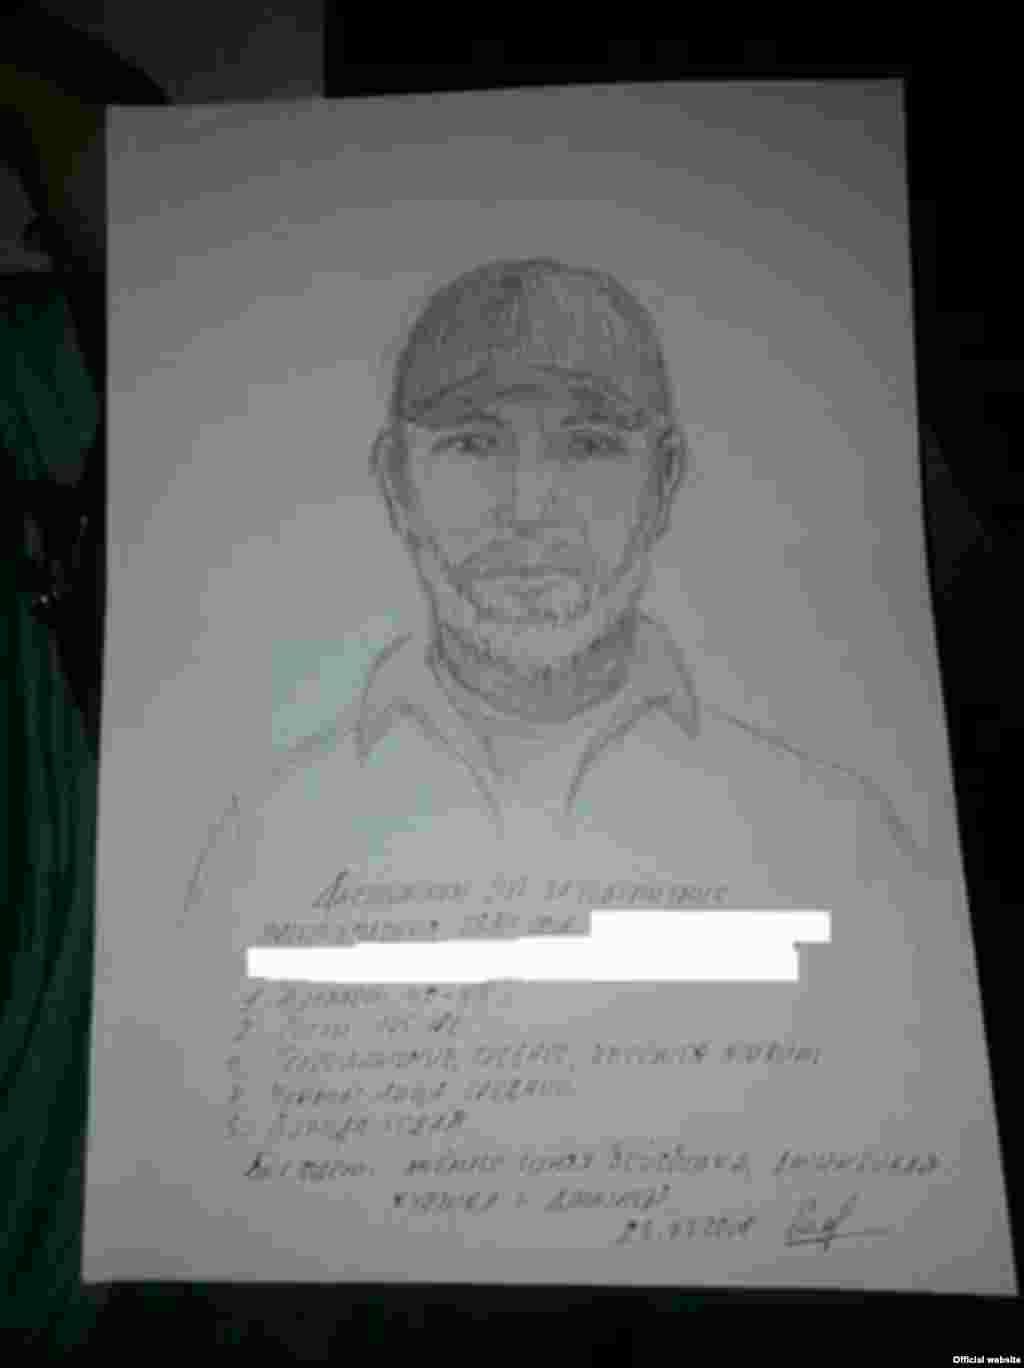 Поліція склала фоторобот підозрюваного у вбивстві Аркадія Бабченка.Як вказано на фотороботі, вік підозрюваного 40-45 років, зріст 175-180 см, середньої статури. Має сиву бороду. Стрілок був одягнений у темно-синю бейсболку, джинсову куртку і джинси.